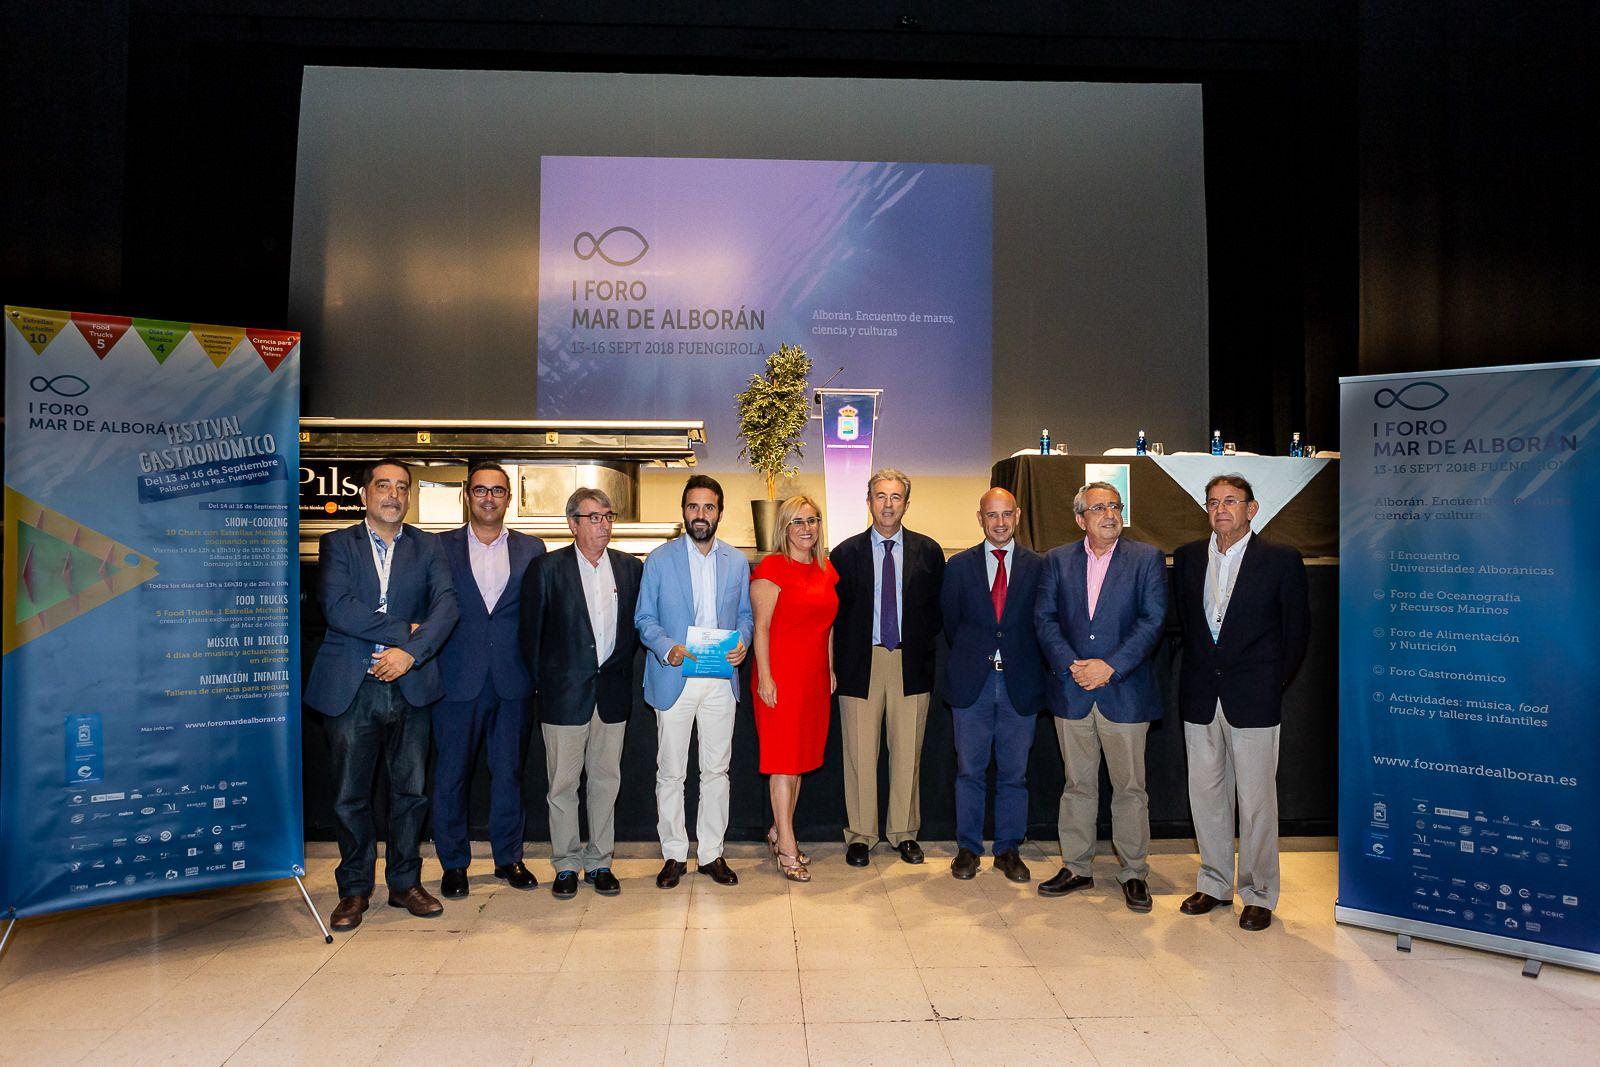 Foto de Foto de familia inauguración Foro